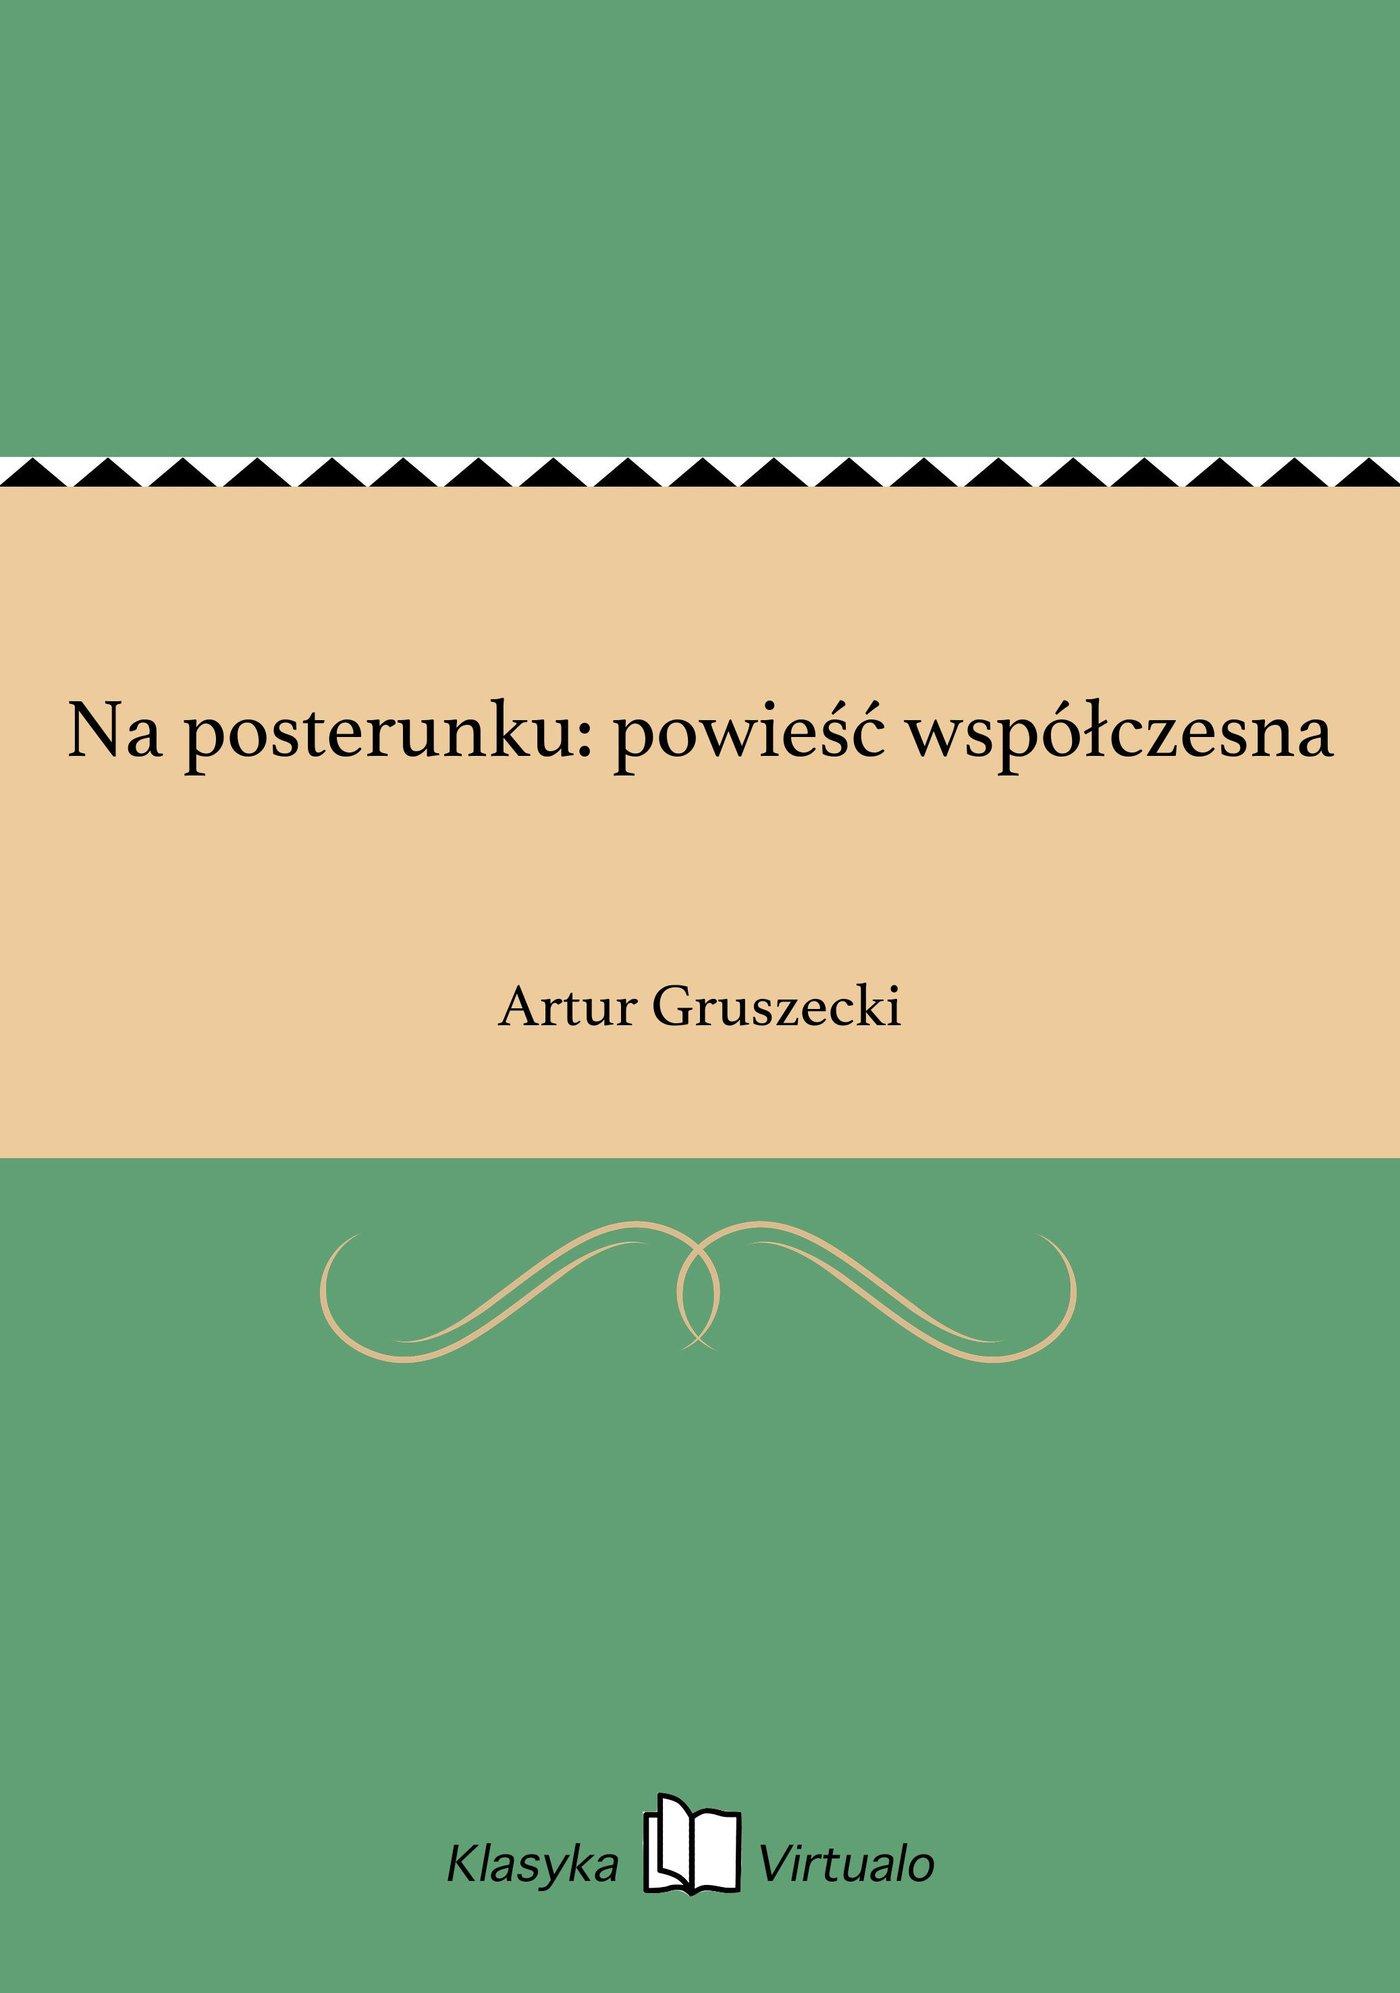 Na posterunku: powieść współczesna - Ebook (Książka na Kindle) do pobrania w formacie MOBI